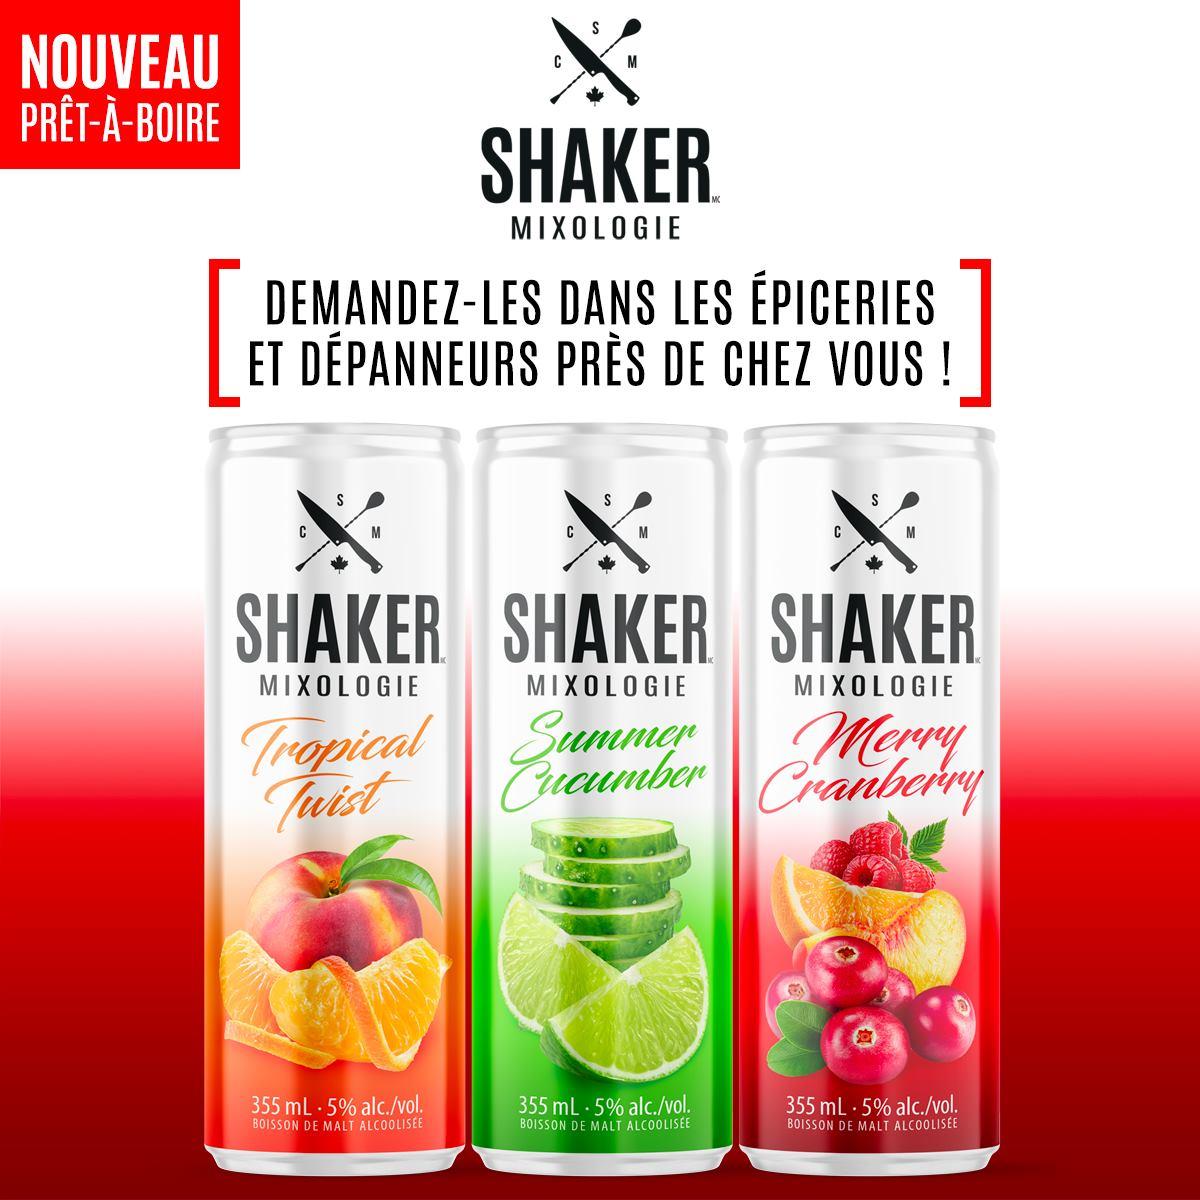 Cocktails prêts à boire | SHAKER St-Joseph – Cuisine & Mixologie